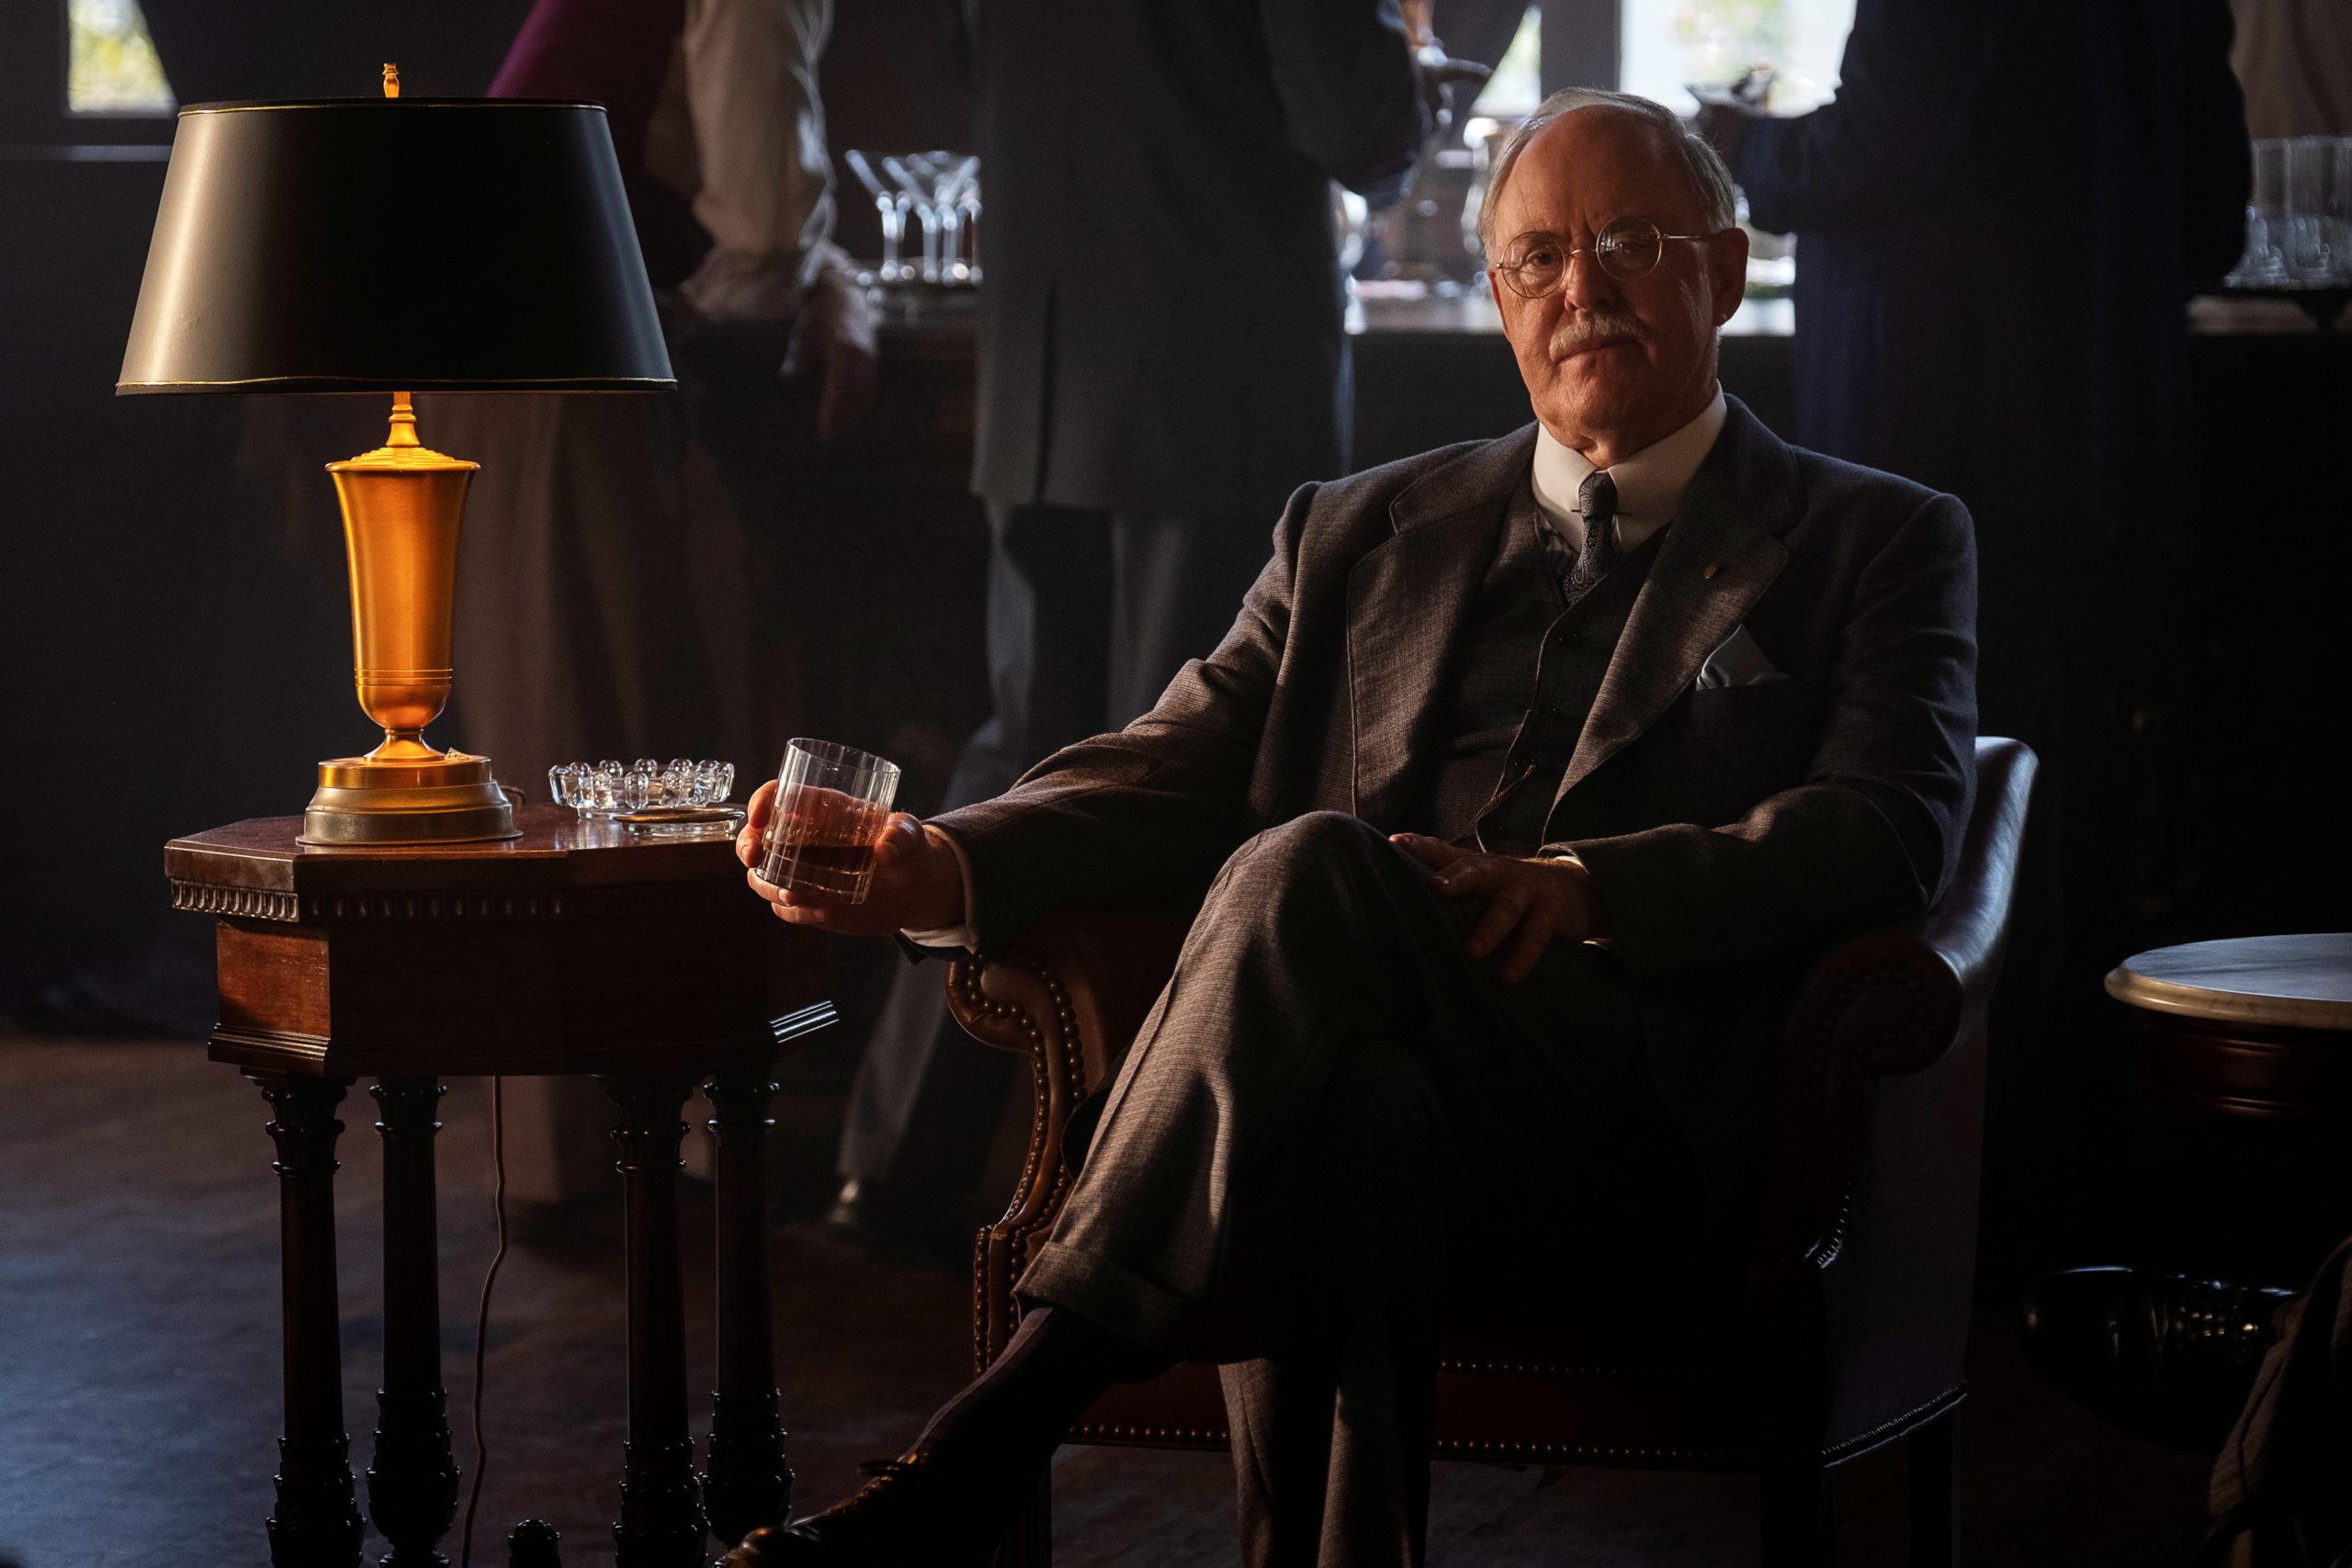 Cena da primeira temporada de Perry Mason. E.B. Jonathan (John Lithgow) está sentado numa cadeira acolchoada, com um copo de bebida na mão, olhando para frente, de pernas cruzadas. E.B. é um homem caucasiano velho de cabelos brancos e ralos, com bigode branco e óculos finos. Seu terno é cinza escuro, com uma camisa branca por baixo, uma gravata azul e um lenço azul no bolso do paletó. À direita dele, uma mesa de centro com um abajur e um cinzeiro de cristal vazio. O chão é de madeira e, atrás de E.B., três homens no balcão de um bar conversam e bebem de pé. Atrás do balcão, uma janela aberta ilumina a cena.